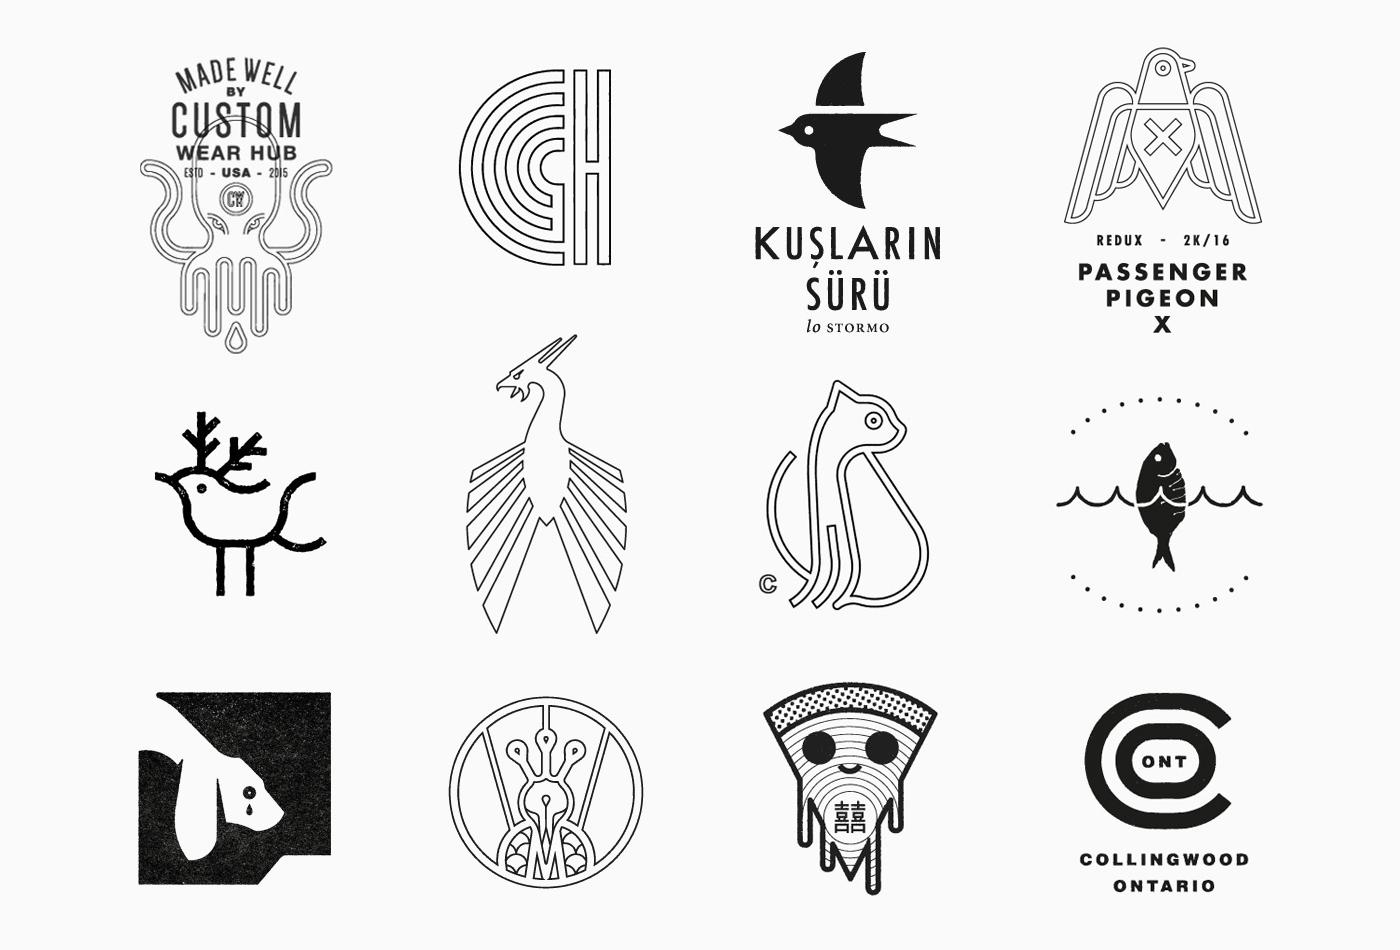 logo-logos-brand-branding-pittogramma-vacaliebres-marks-animals-mark2